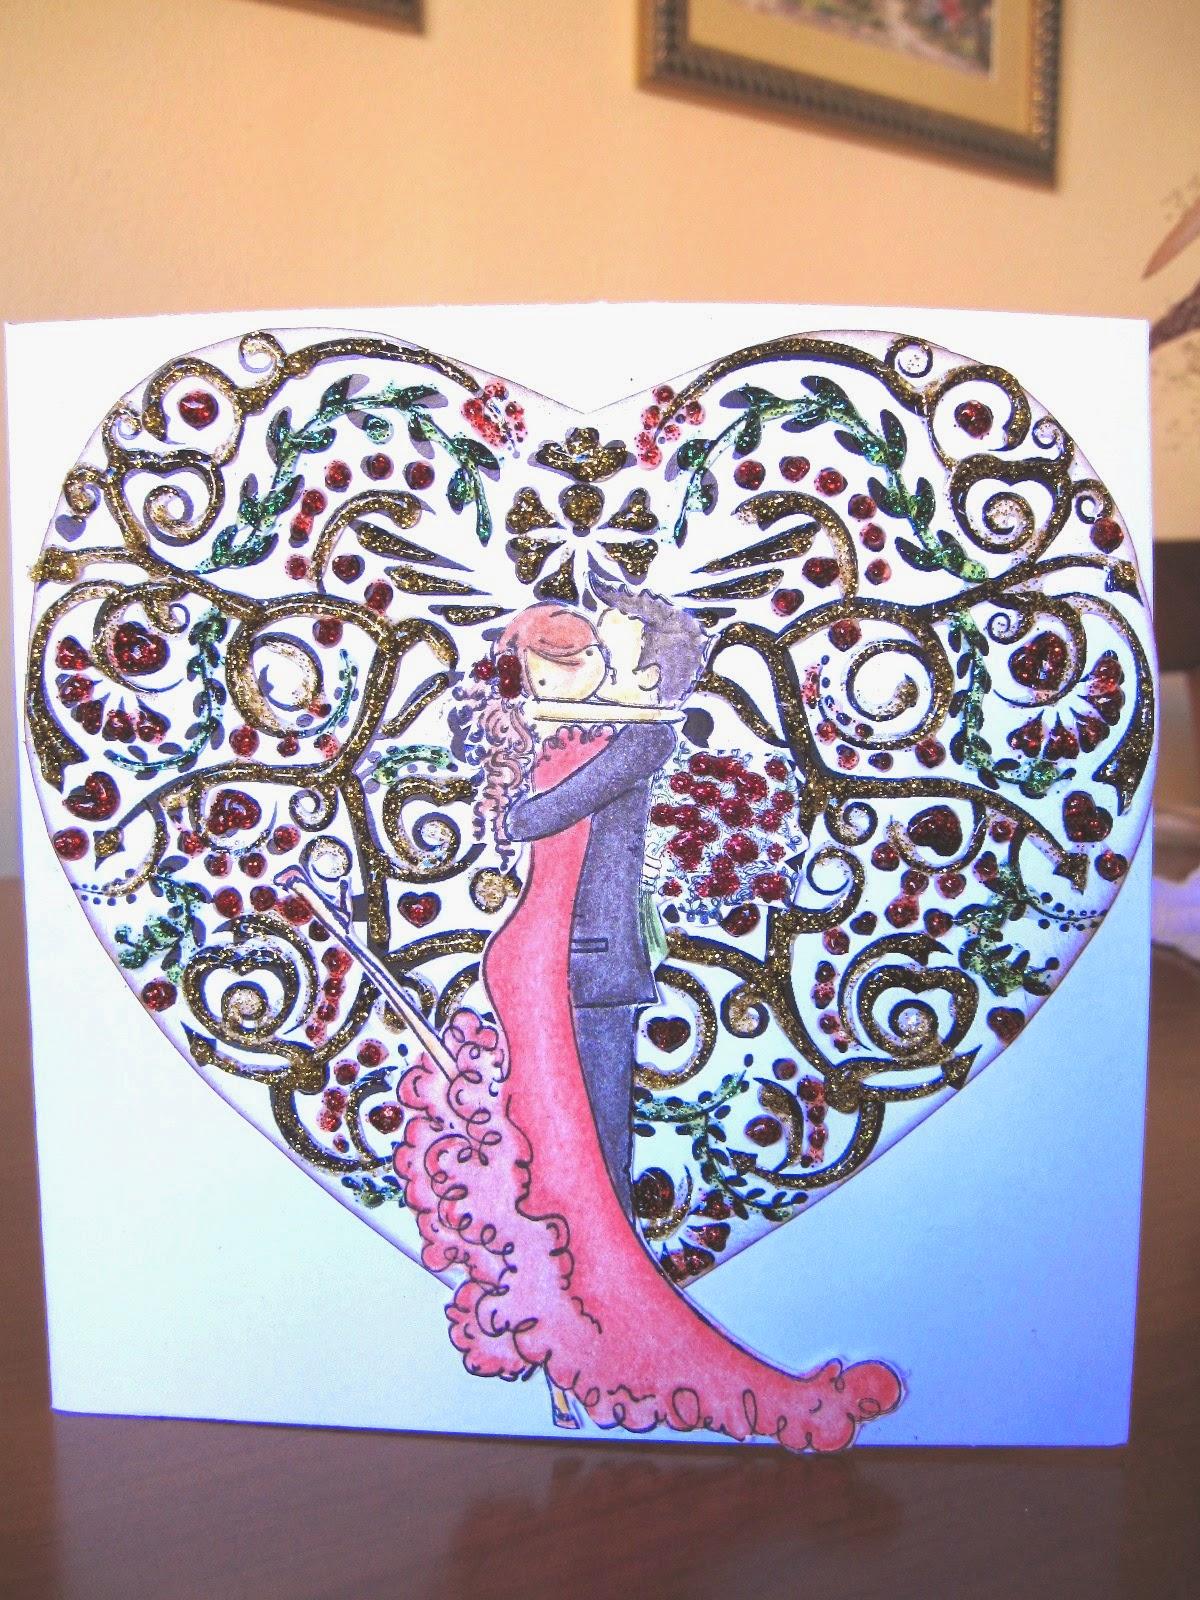 tarjeta de scrapbooking para San Valentín Kiss of Love con una pareja de novios besándose y de fondo un corazón con filigrana resaltada con glitter glue de colores